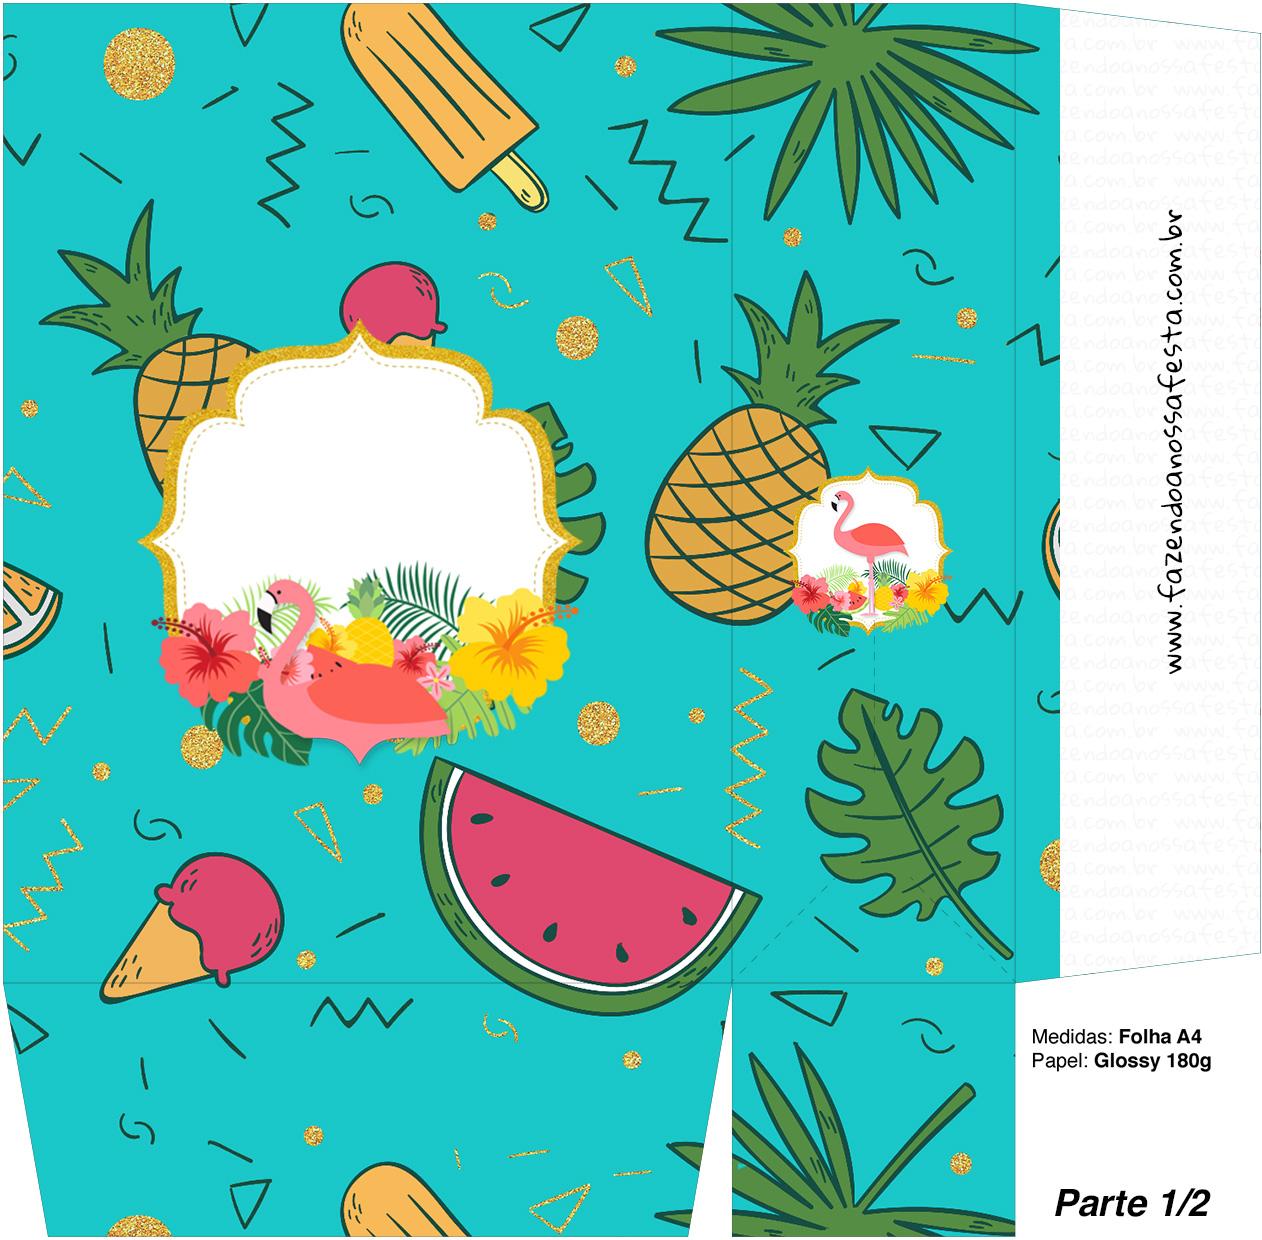 Sacolinha Surpresa 1 2 Flamingo Tropical Kit Festa Fazendo A